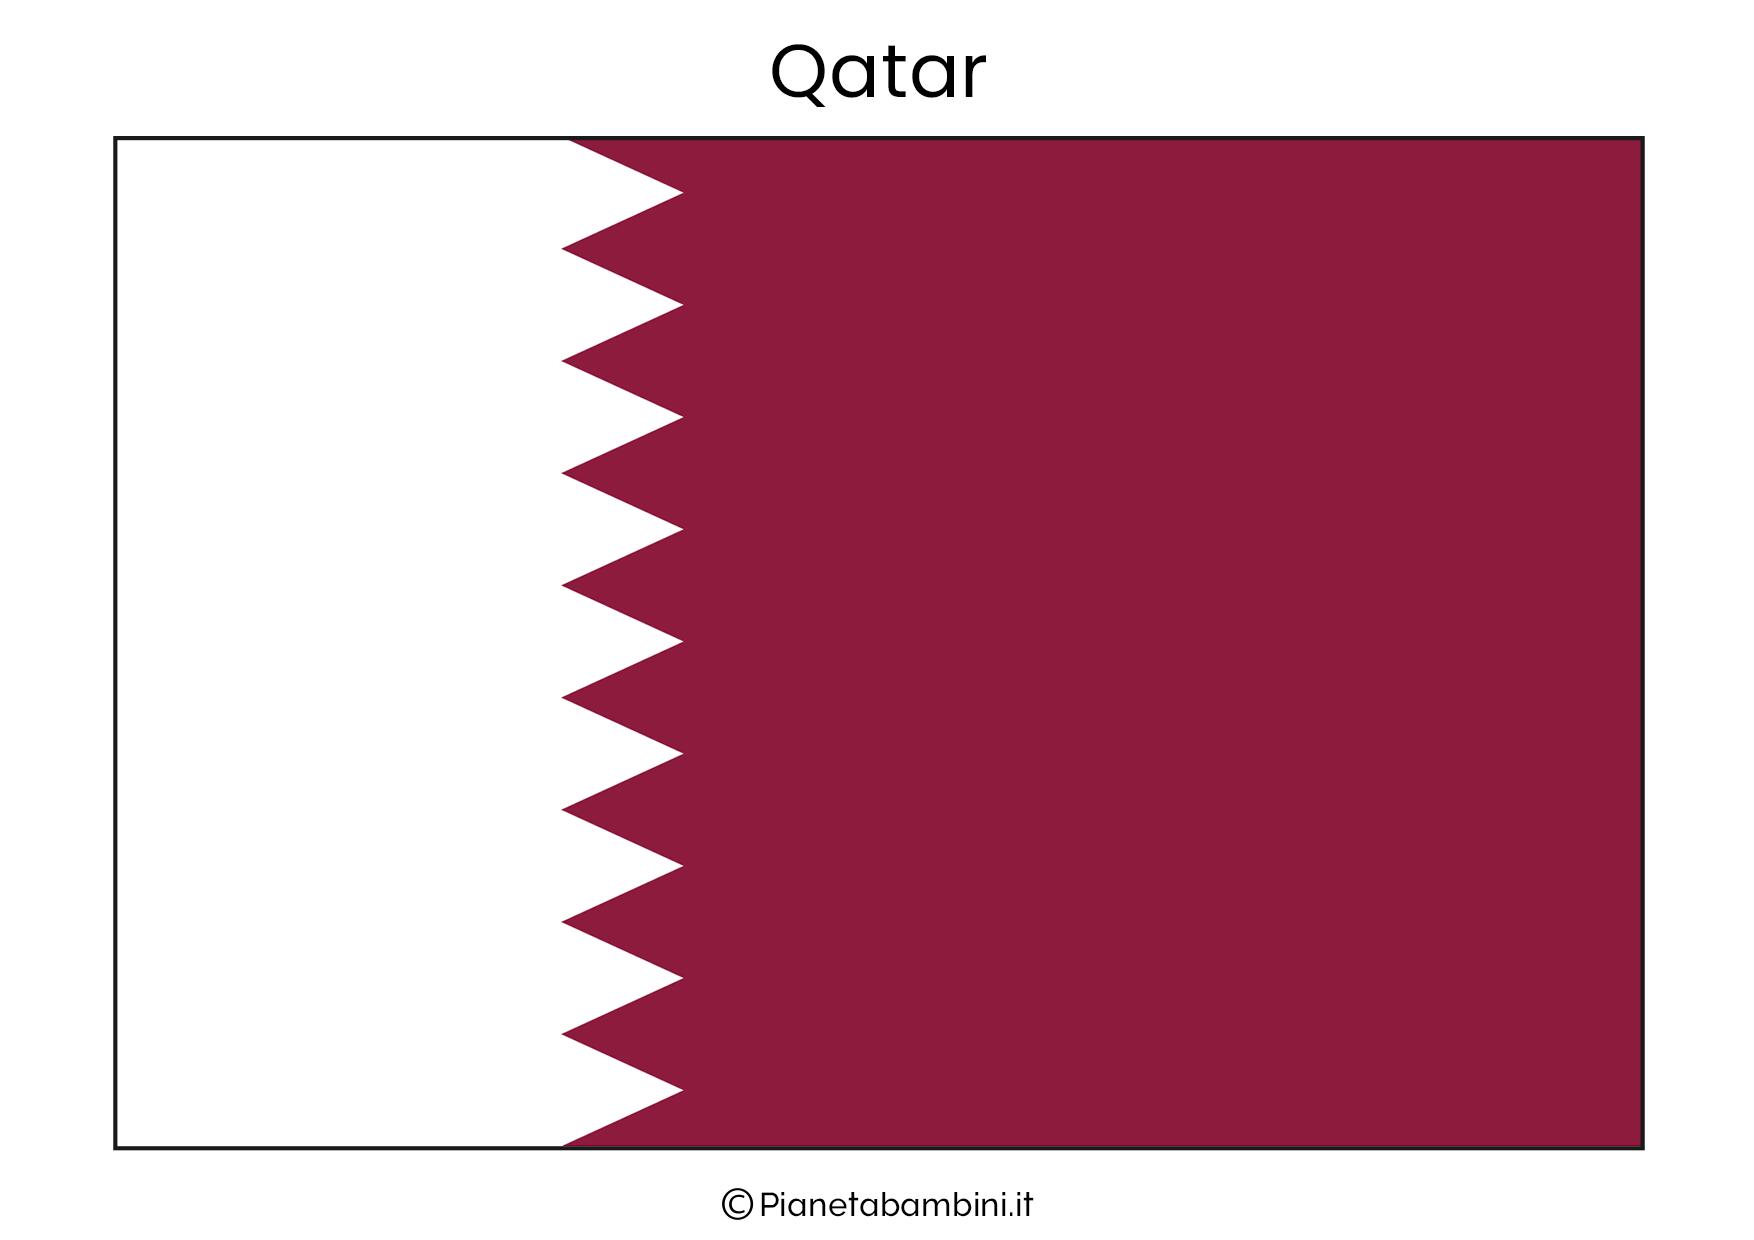 Bandiera del Qatar da stampare